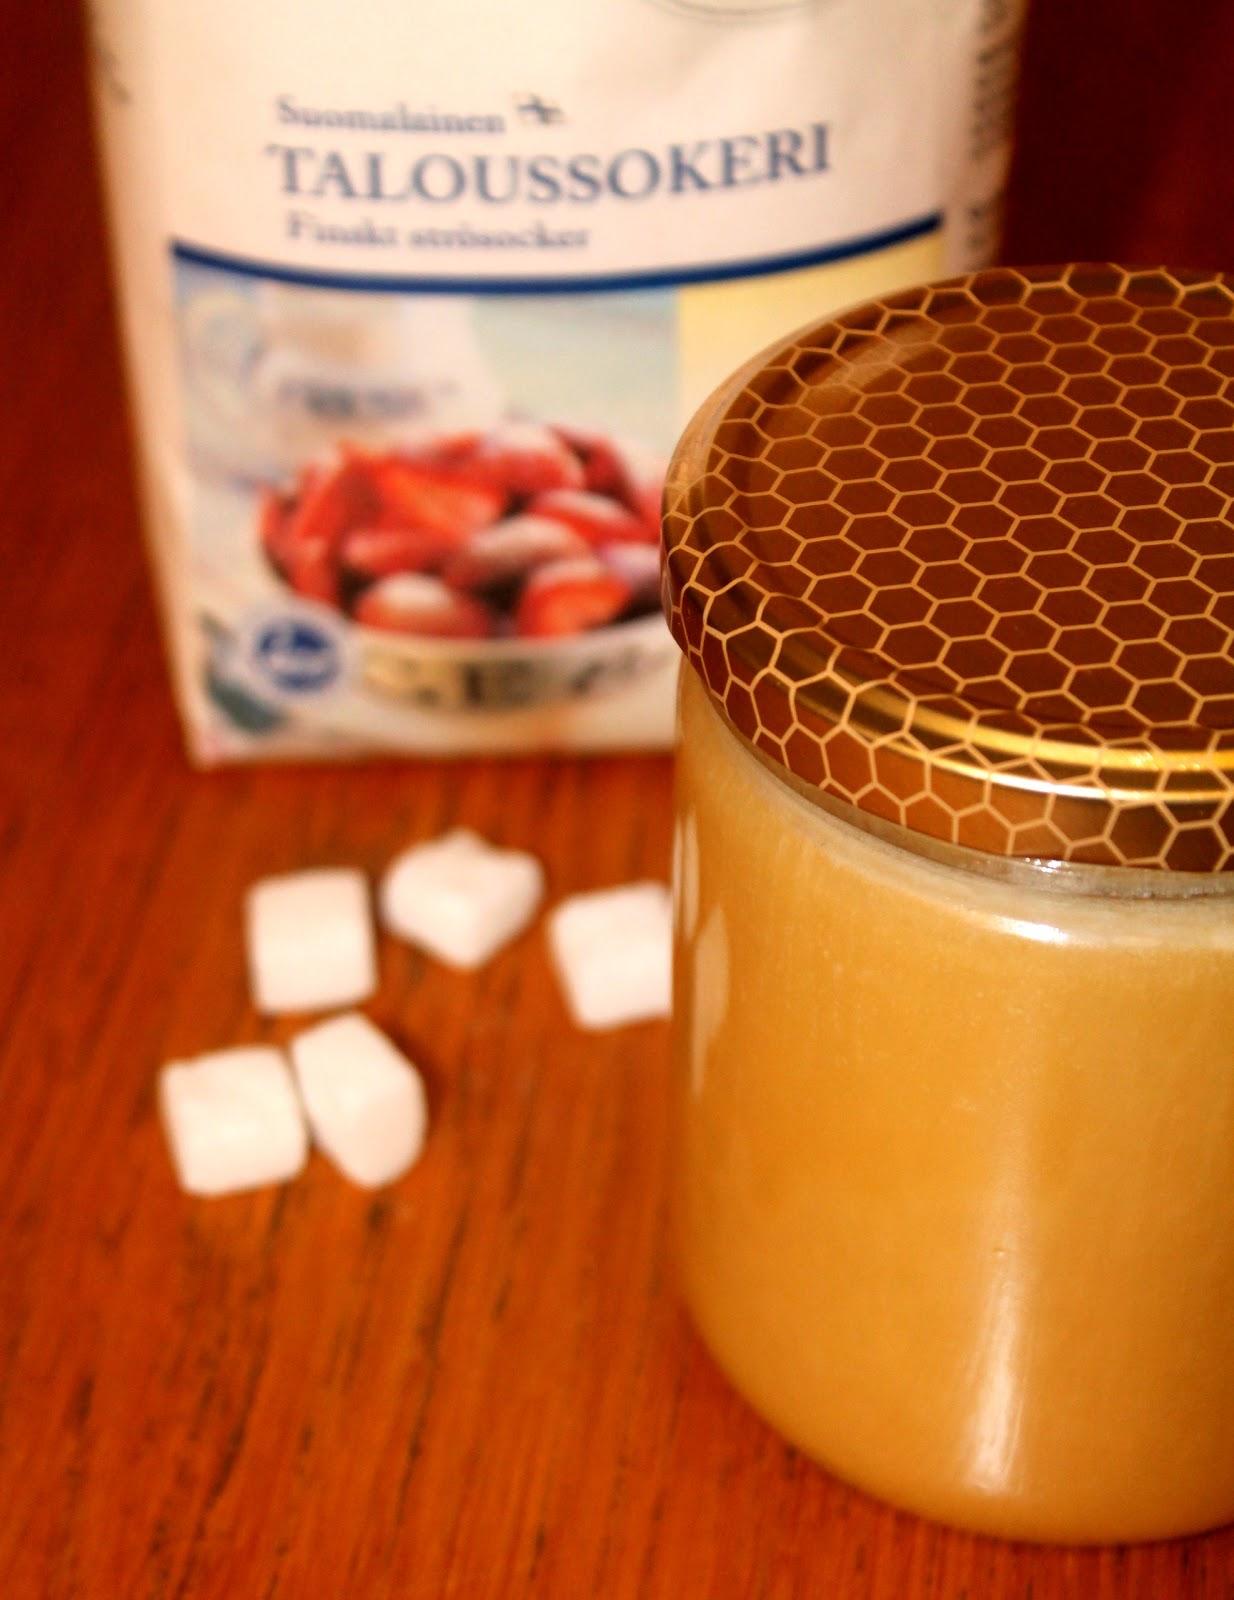 Hunajalla höystettyä: Hunajalle suunniteltu sokerivero vähentäisi pölytystä